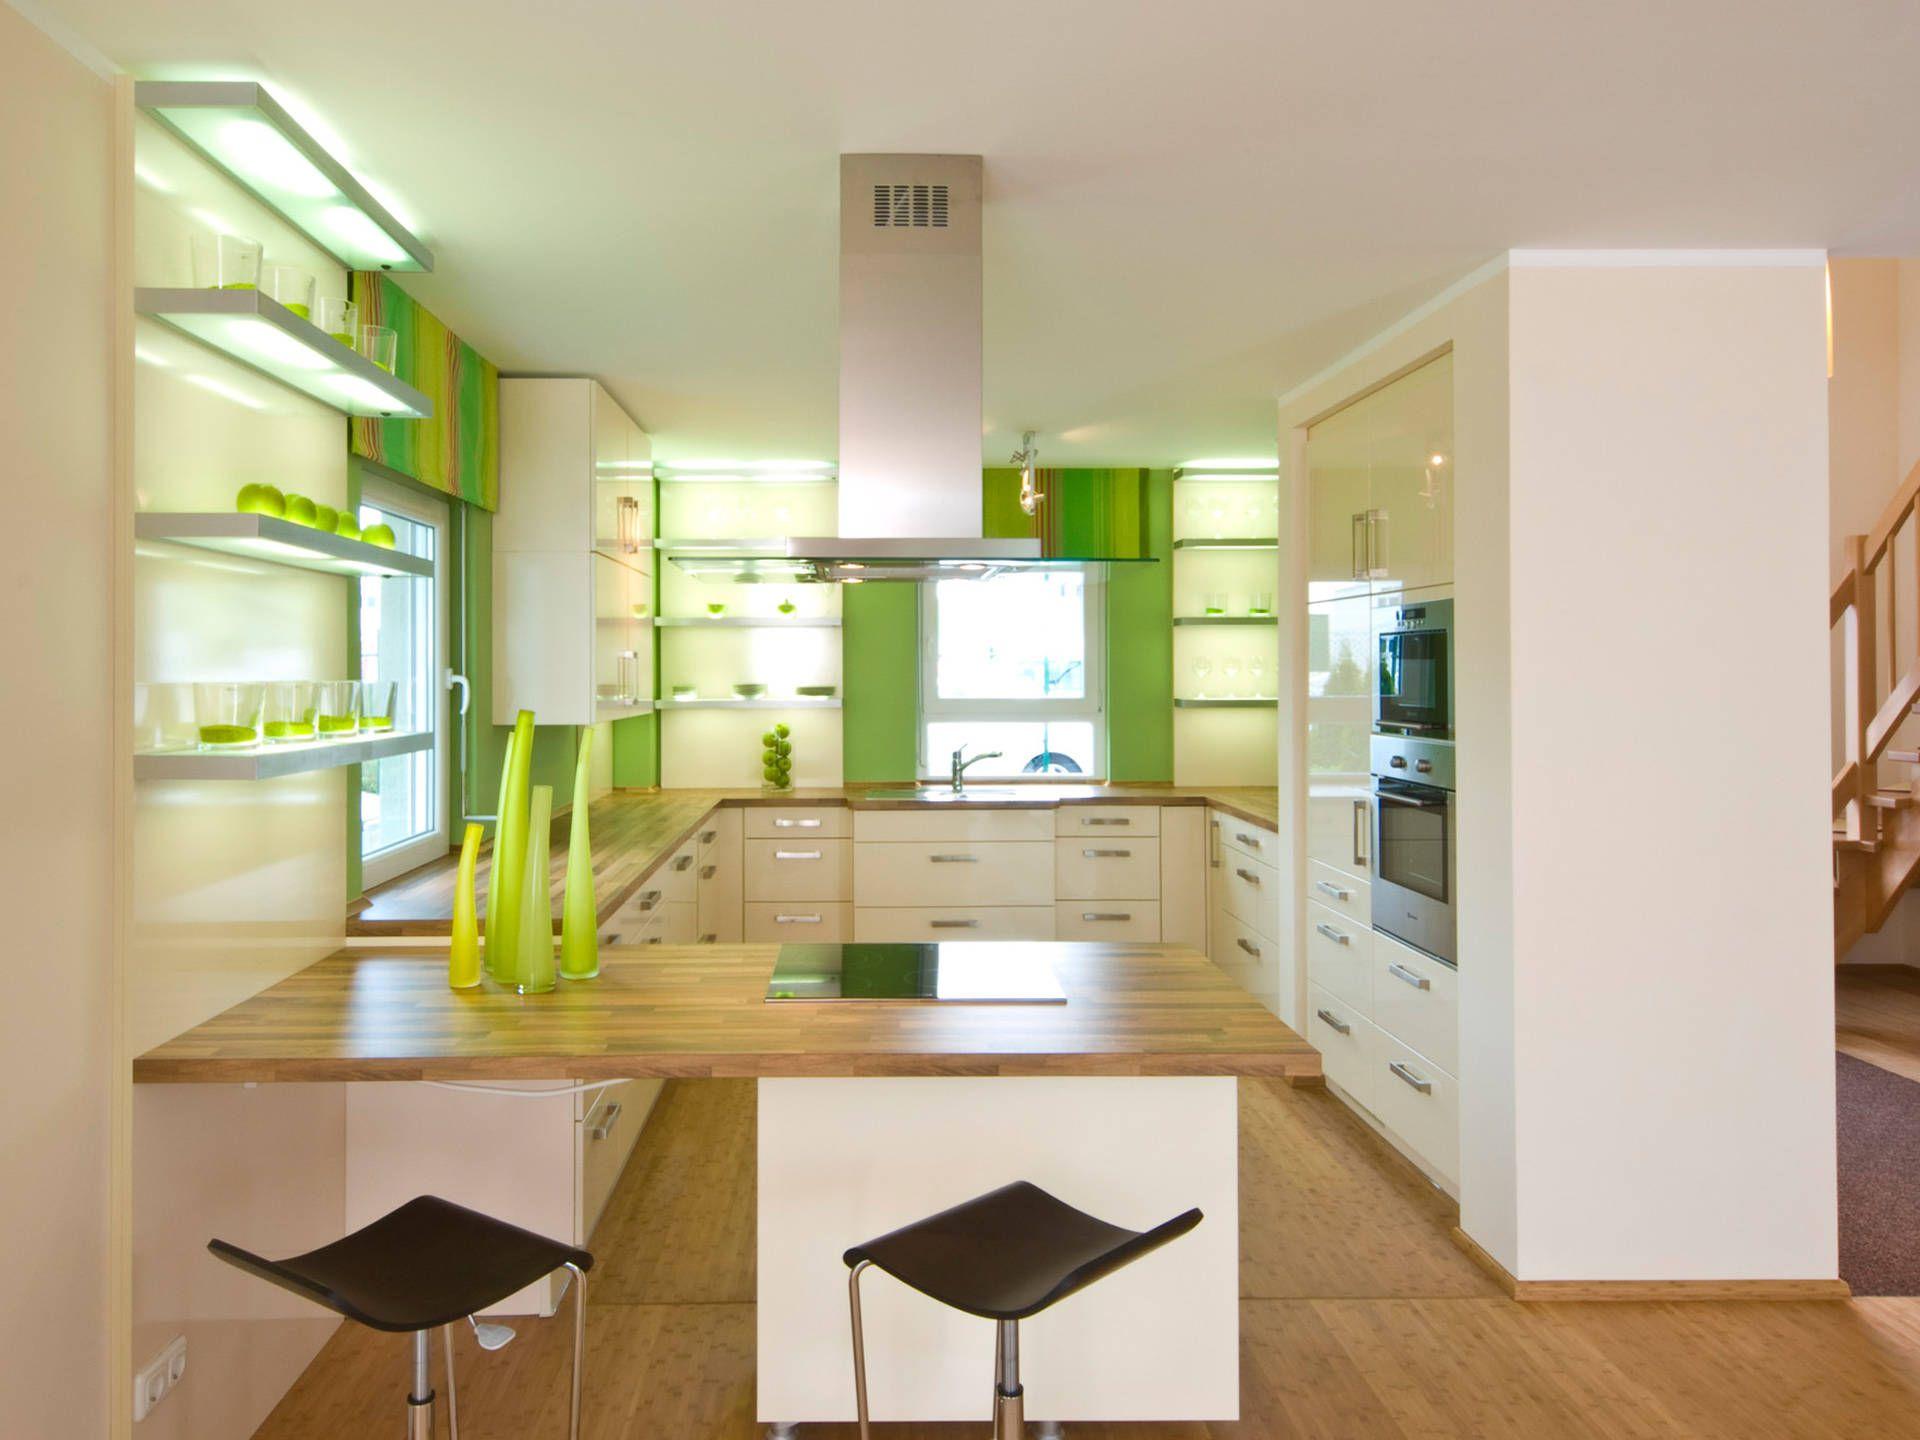 Haus Pure 5 - massa haus   Home   Pinterest   Haus